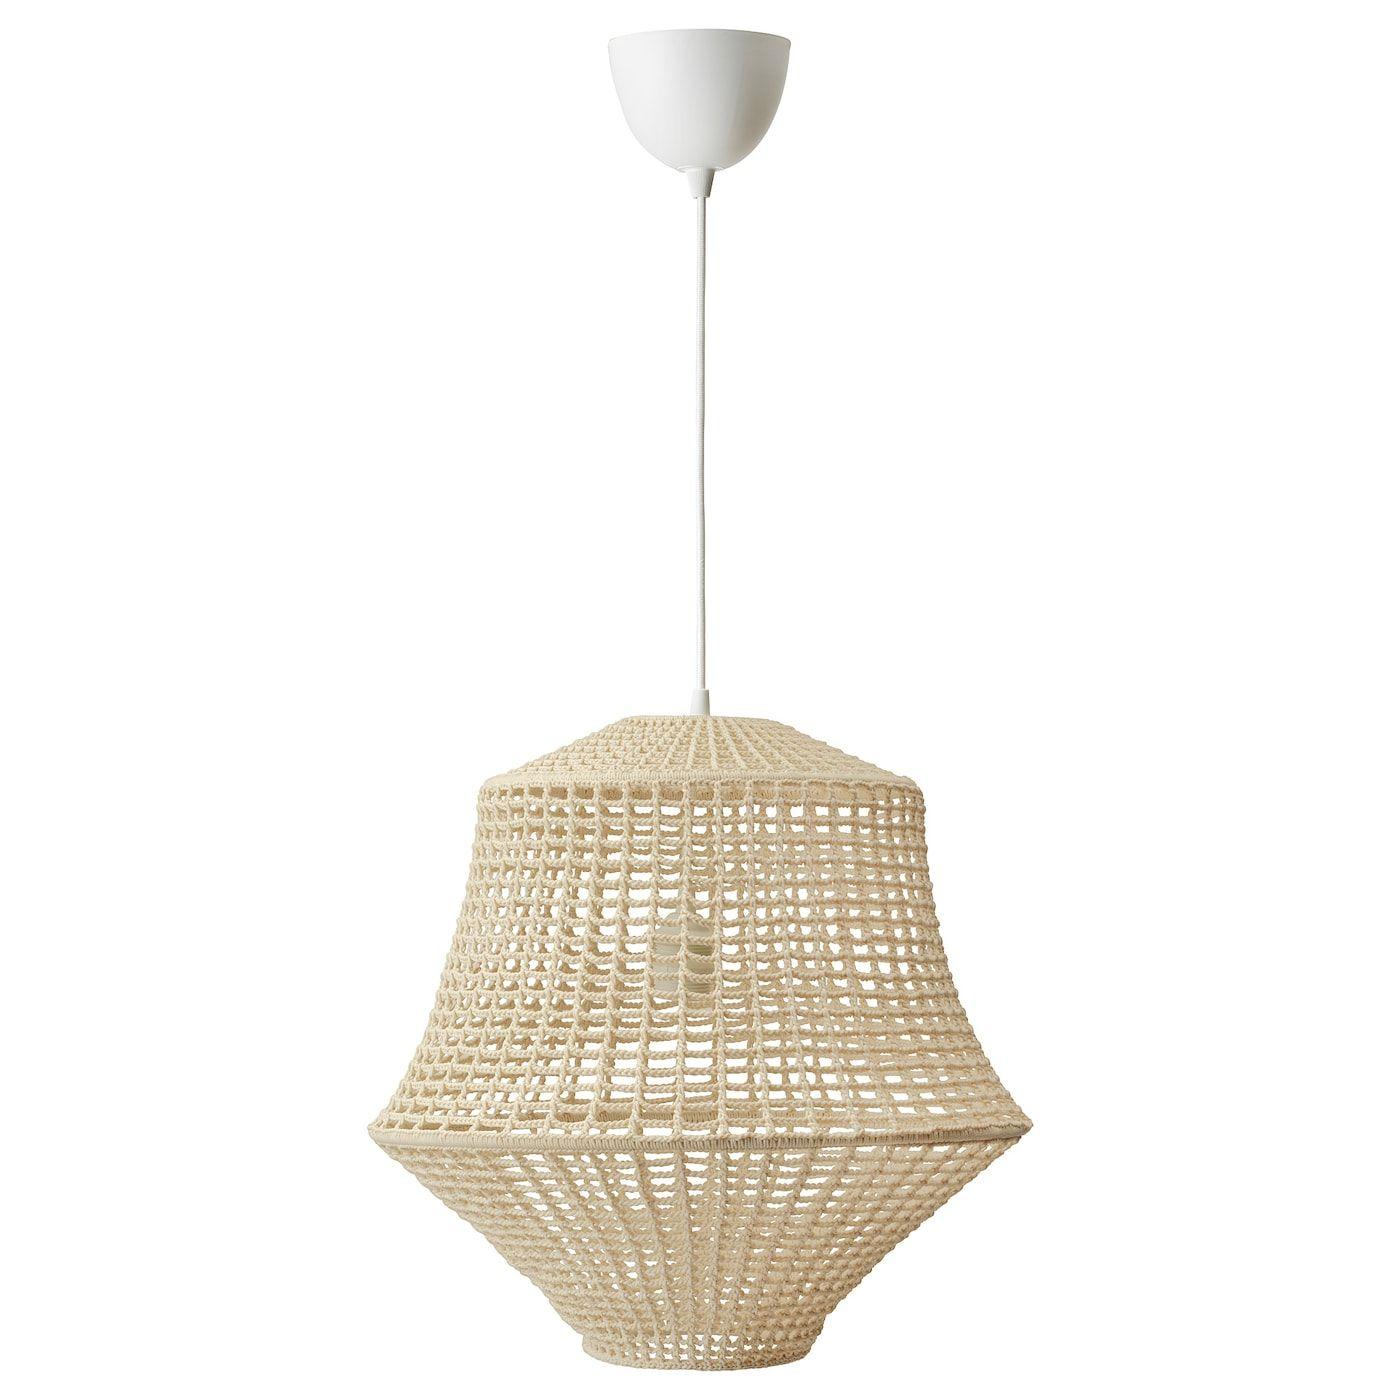 Full Size of Ikea Deckenlampen Industriell Hngeleuchte Anhnger Lampen Küche Kosten Sofa Mit Schlaffunktion Wohnzimmer Modulküche Kaufen Miniküche Betten 160x200 Für Wohnzimmer Ikea Deckenlampen